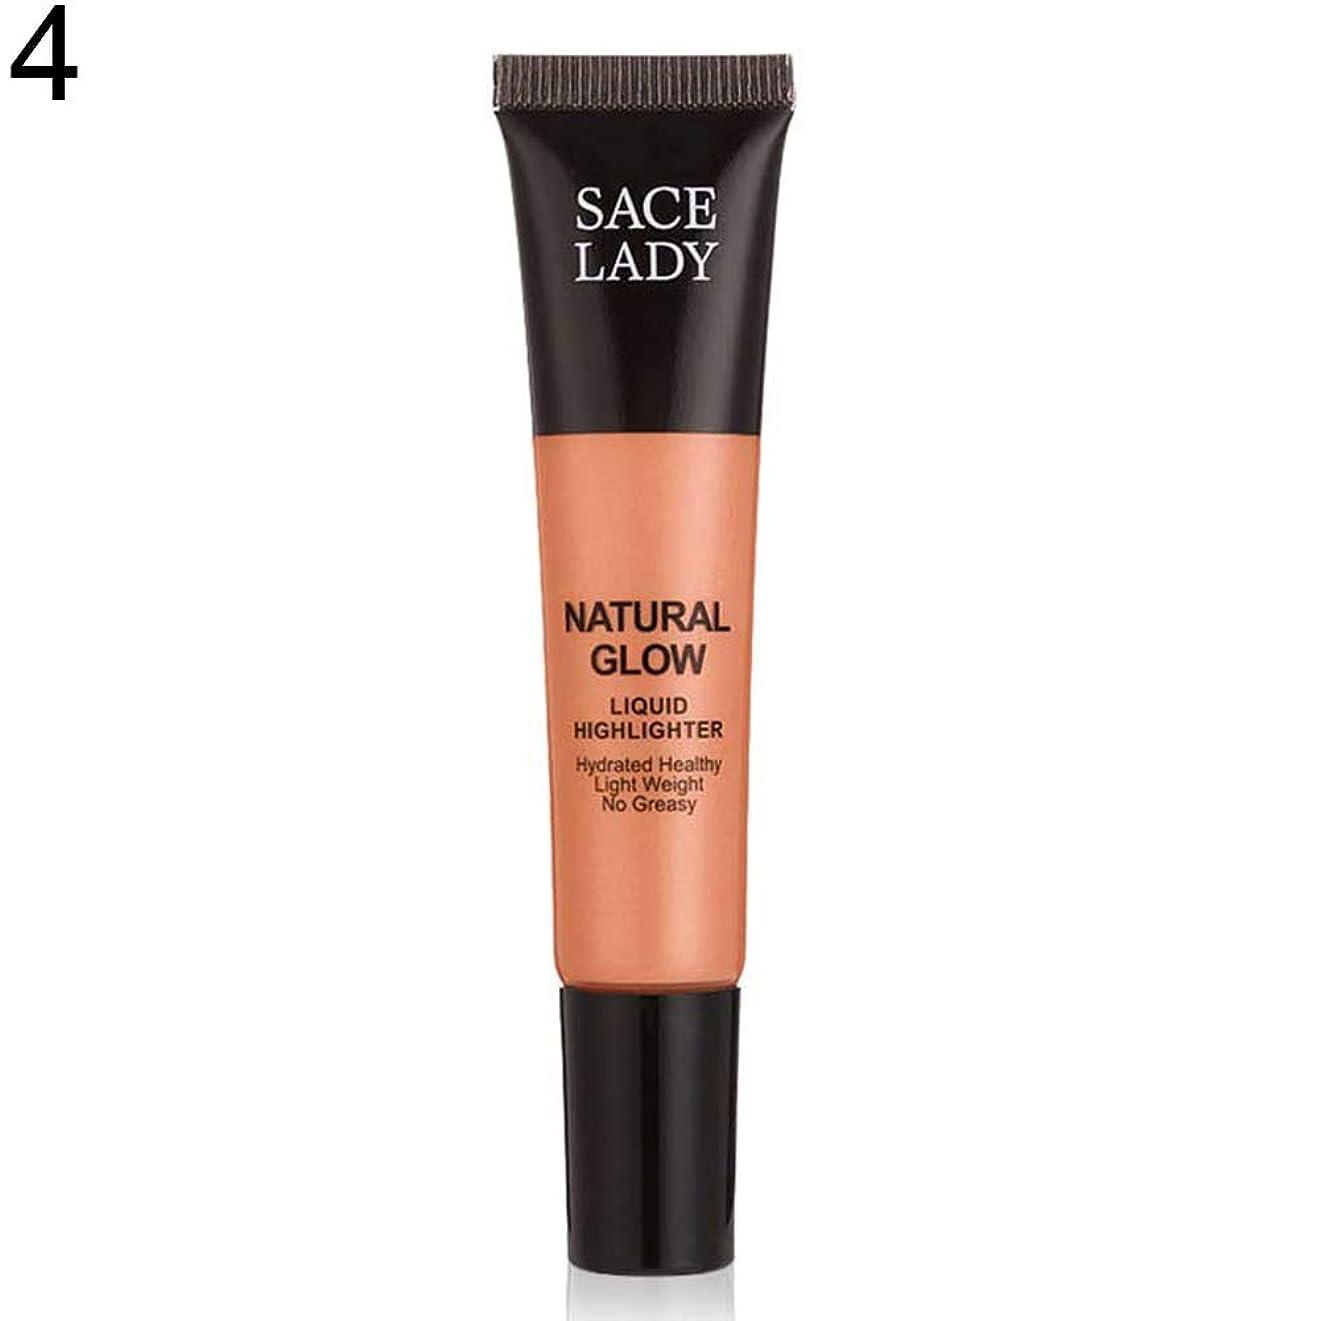 性能上向き意志SACE LADY液体蛍光ペン水和非脂っこい化粧顔ブロンザー - 4#